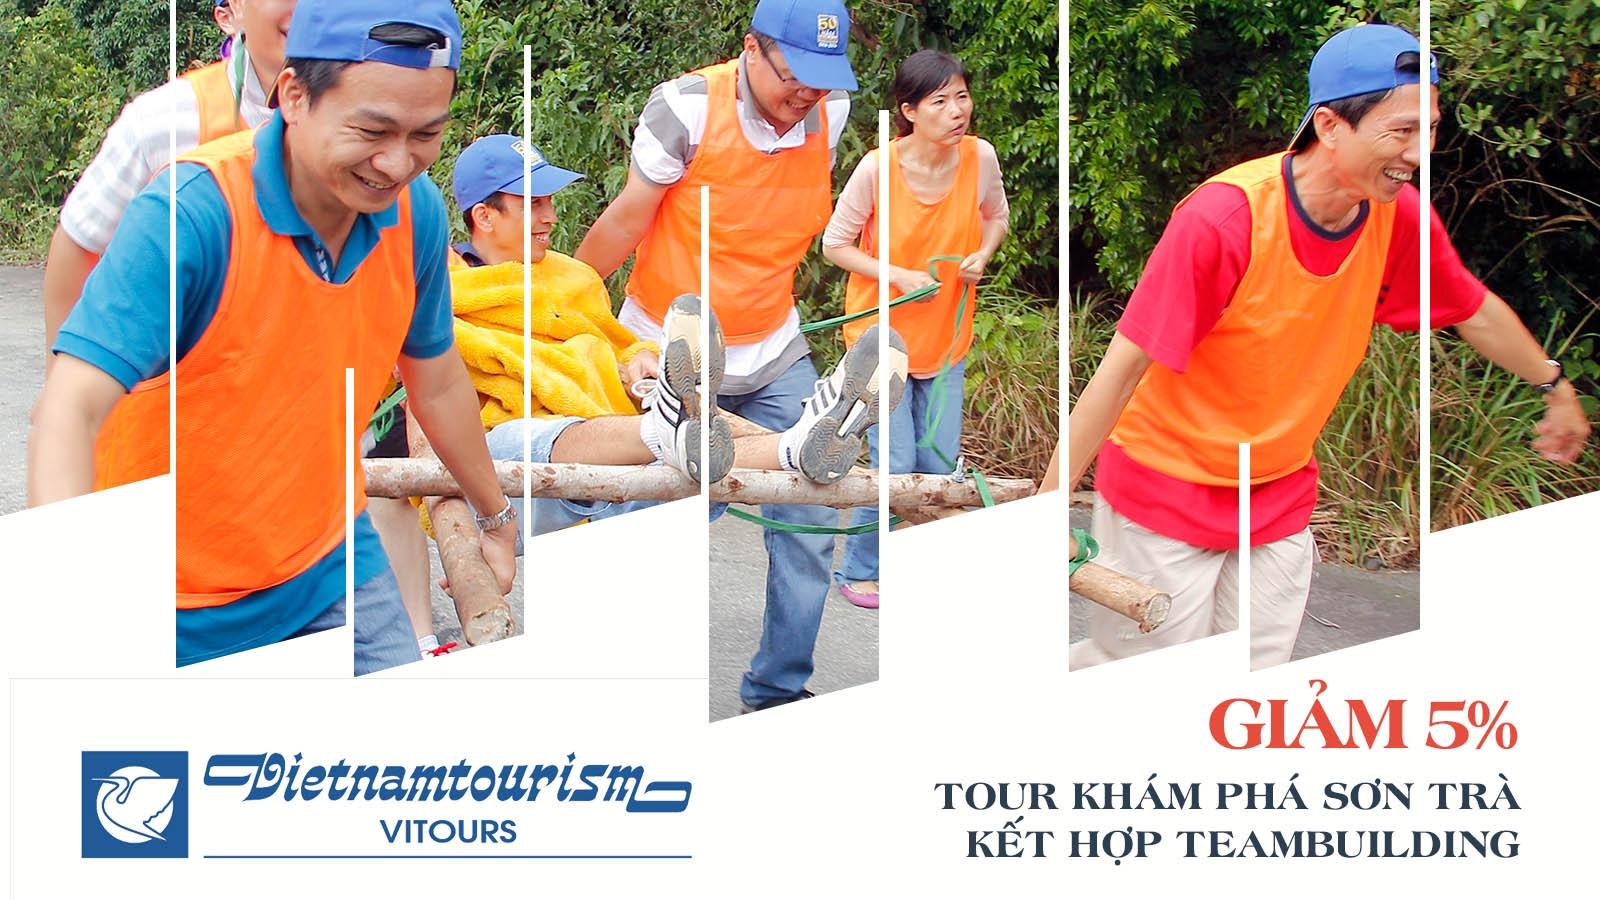 Vitours   Giảm 5% Tour khám phá bán đảo Sơn Trà kết hợp team building 2